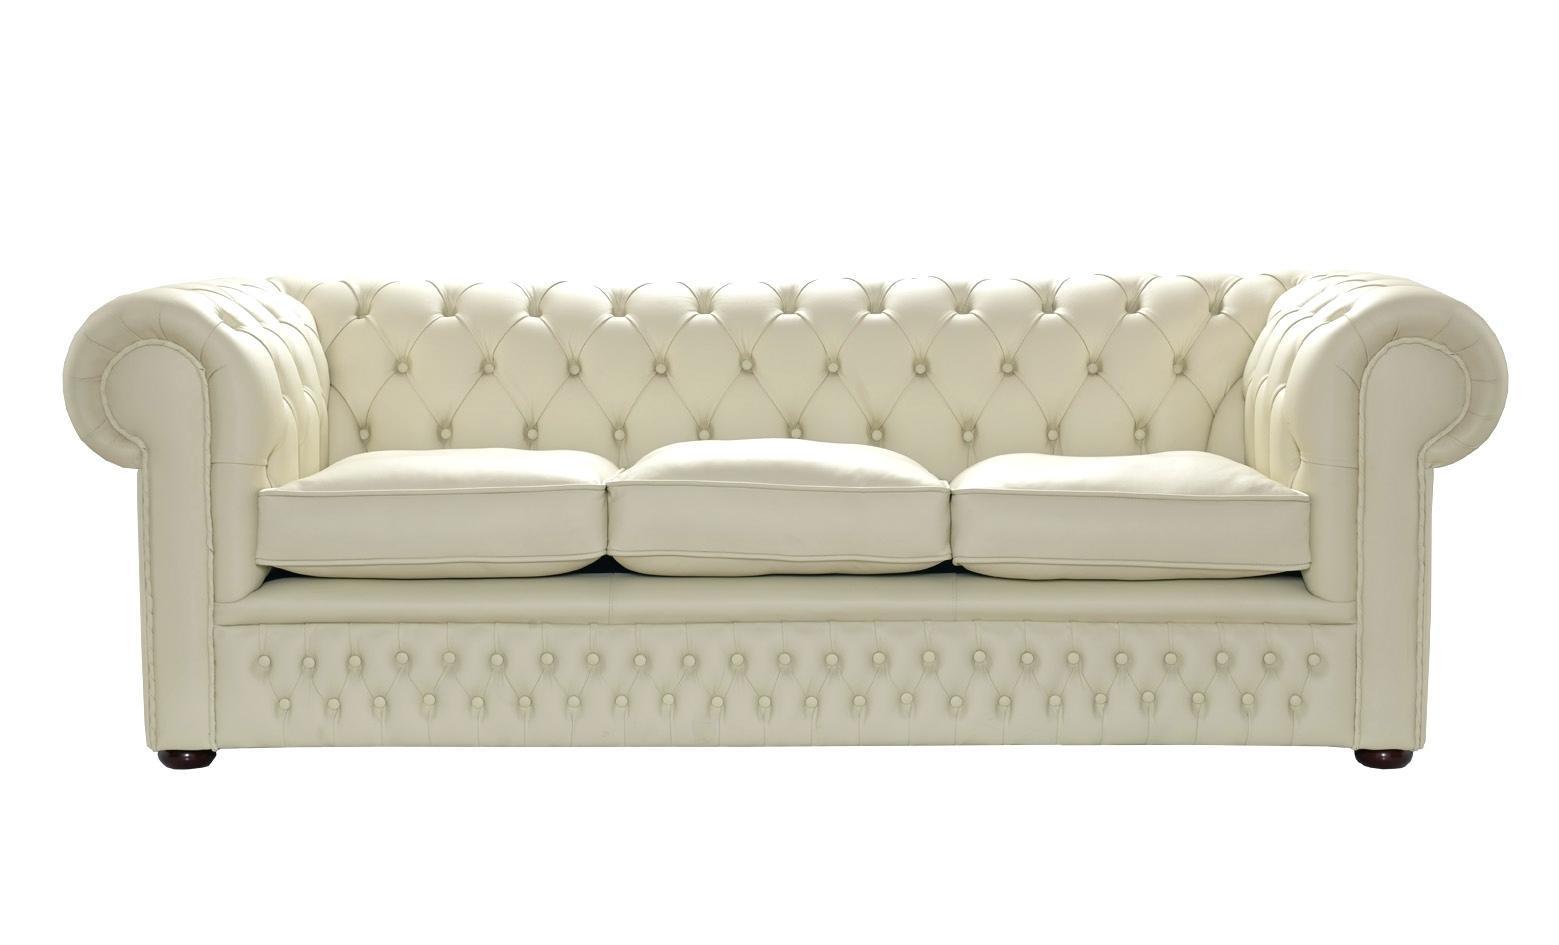 Sofas Center : Cream Colored Sofa Tables Sofas End Tablescream And With Cream Colored Sofa (Image 16 of 20)